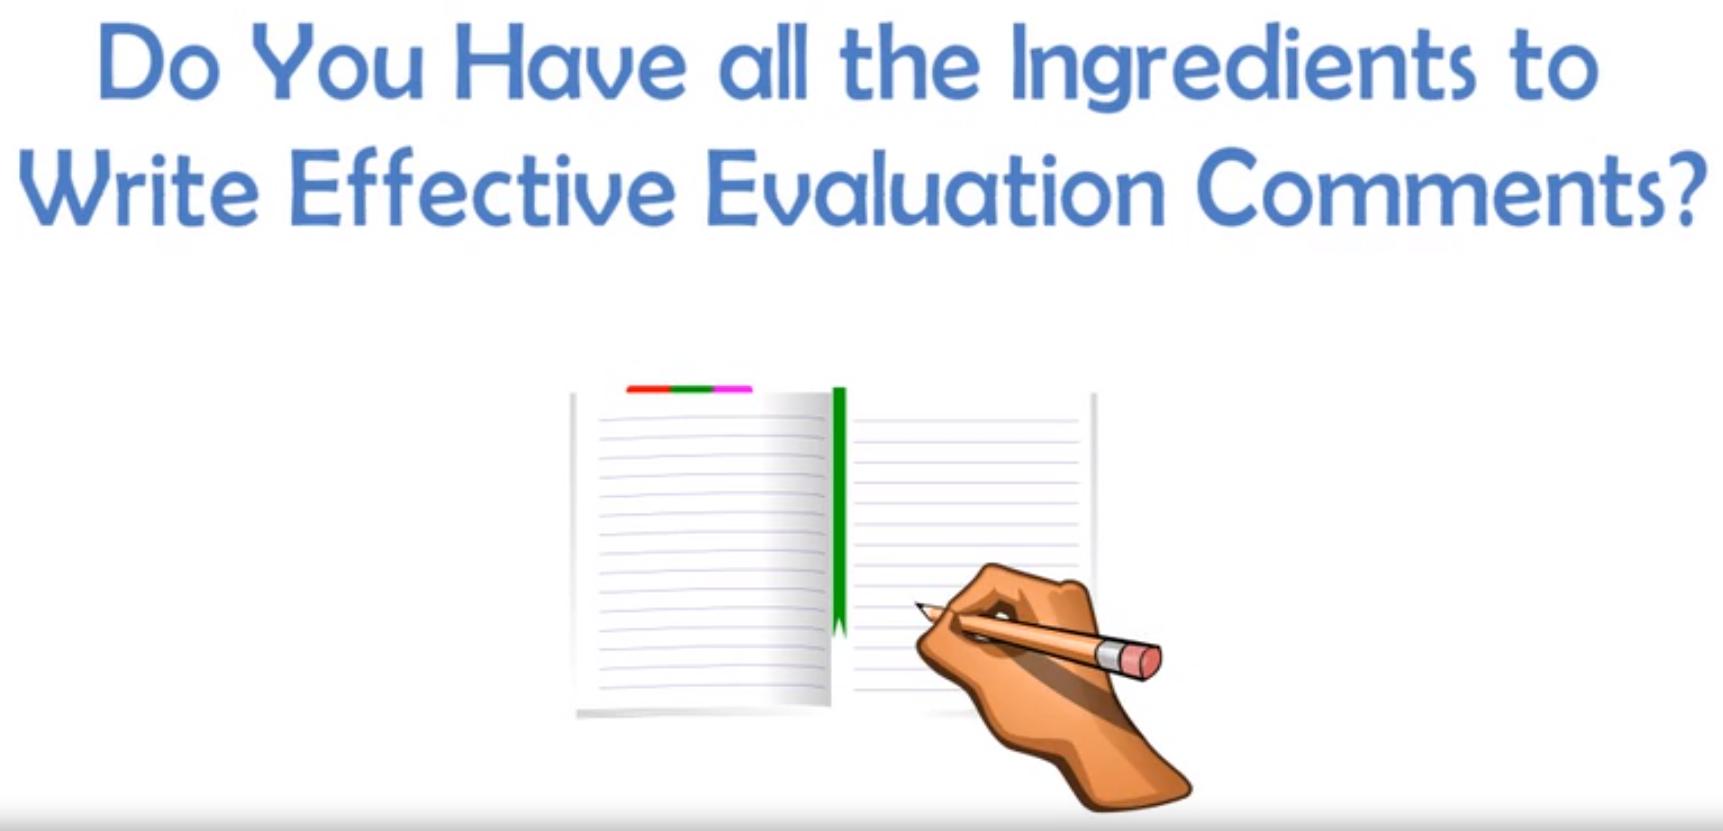 evaluation-comments